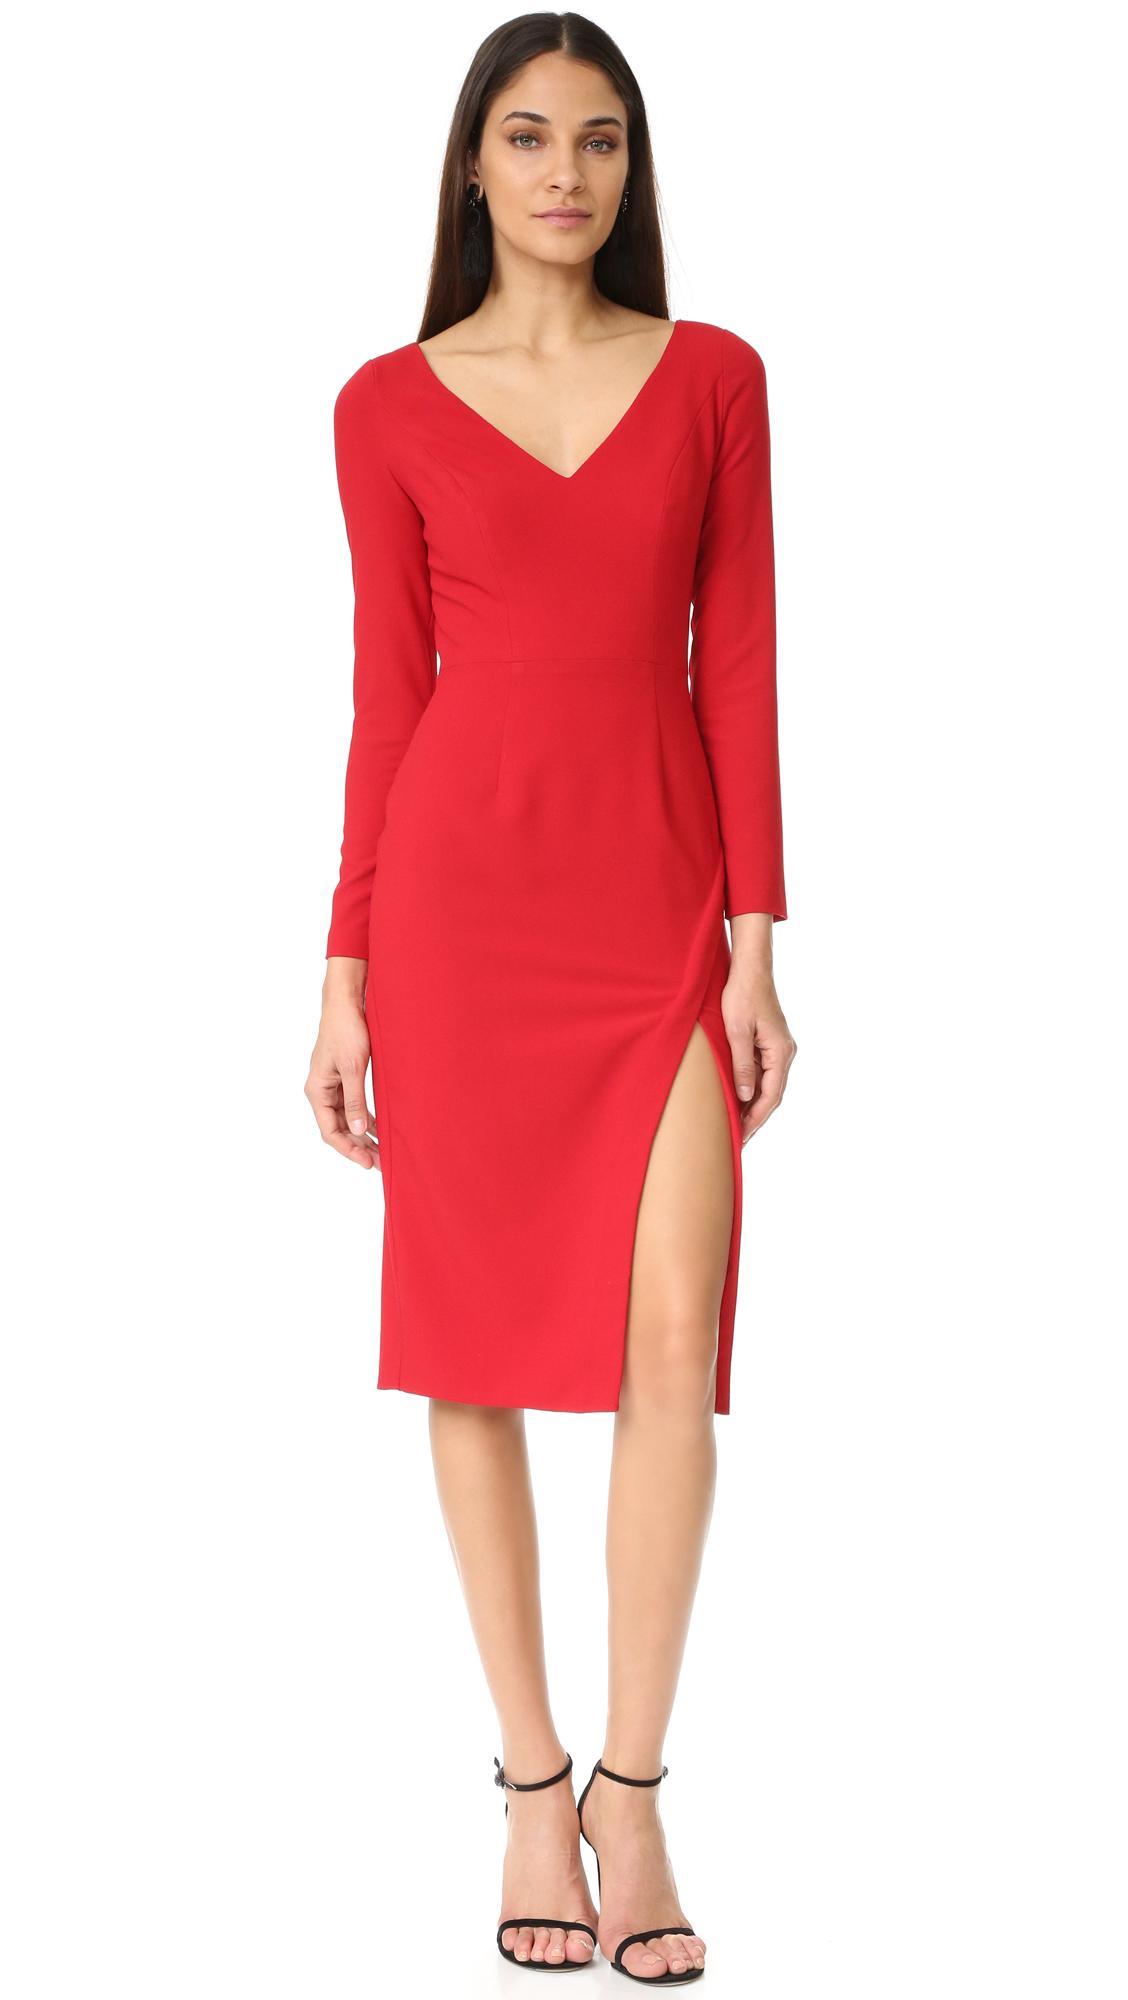 e0898f02 Lyst - Black Halo Gilda Sheath Dress in Red